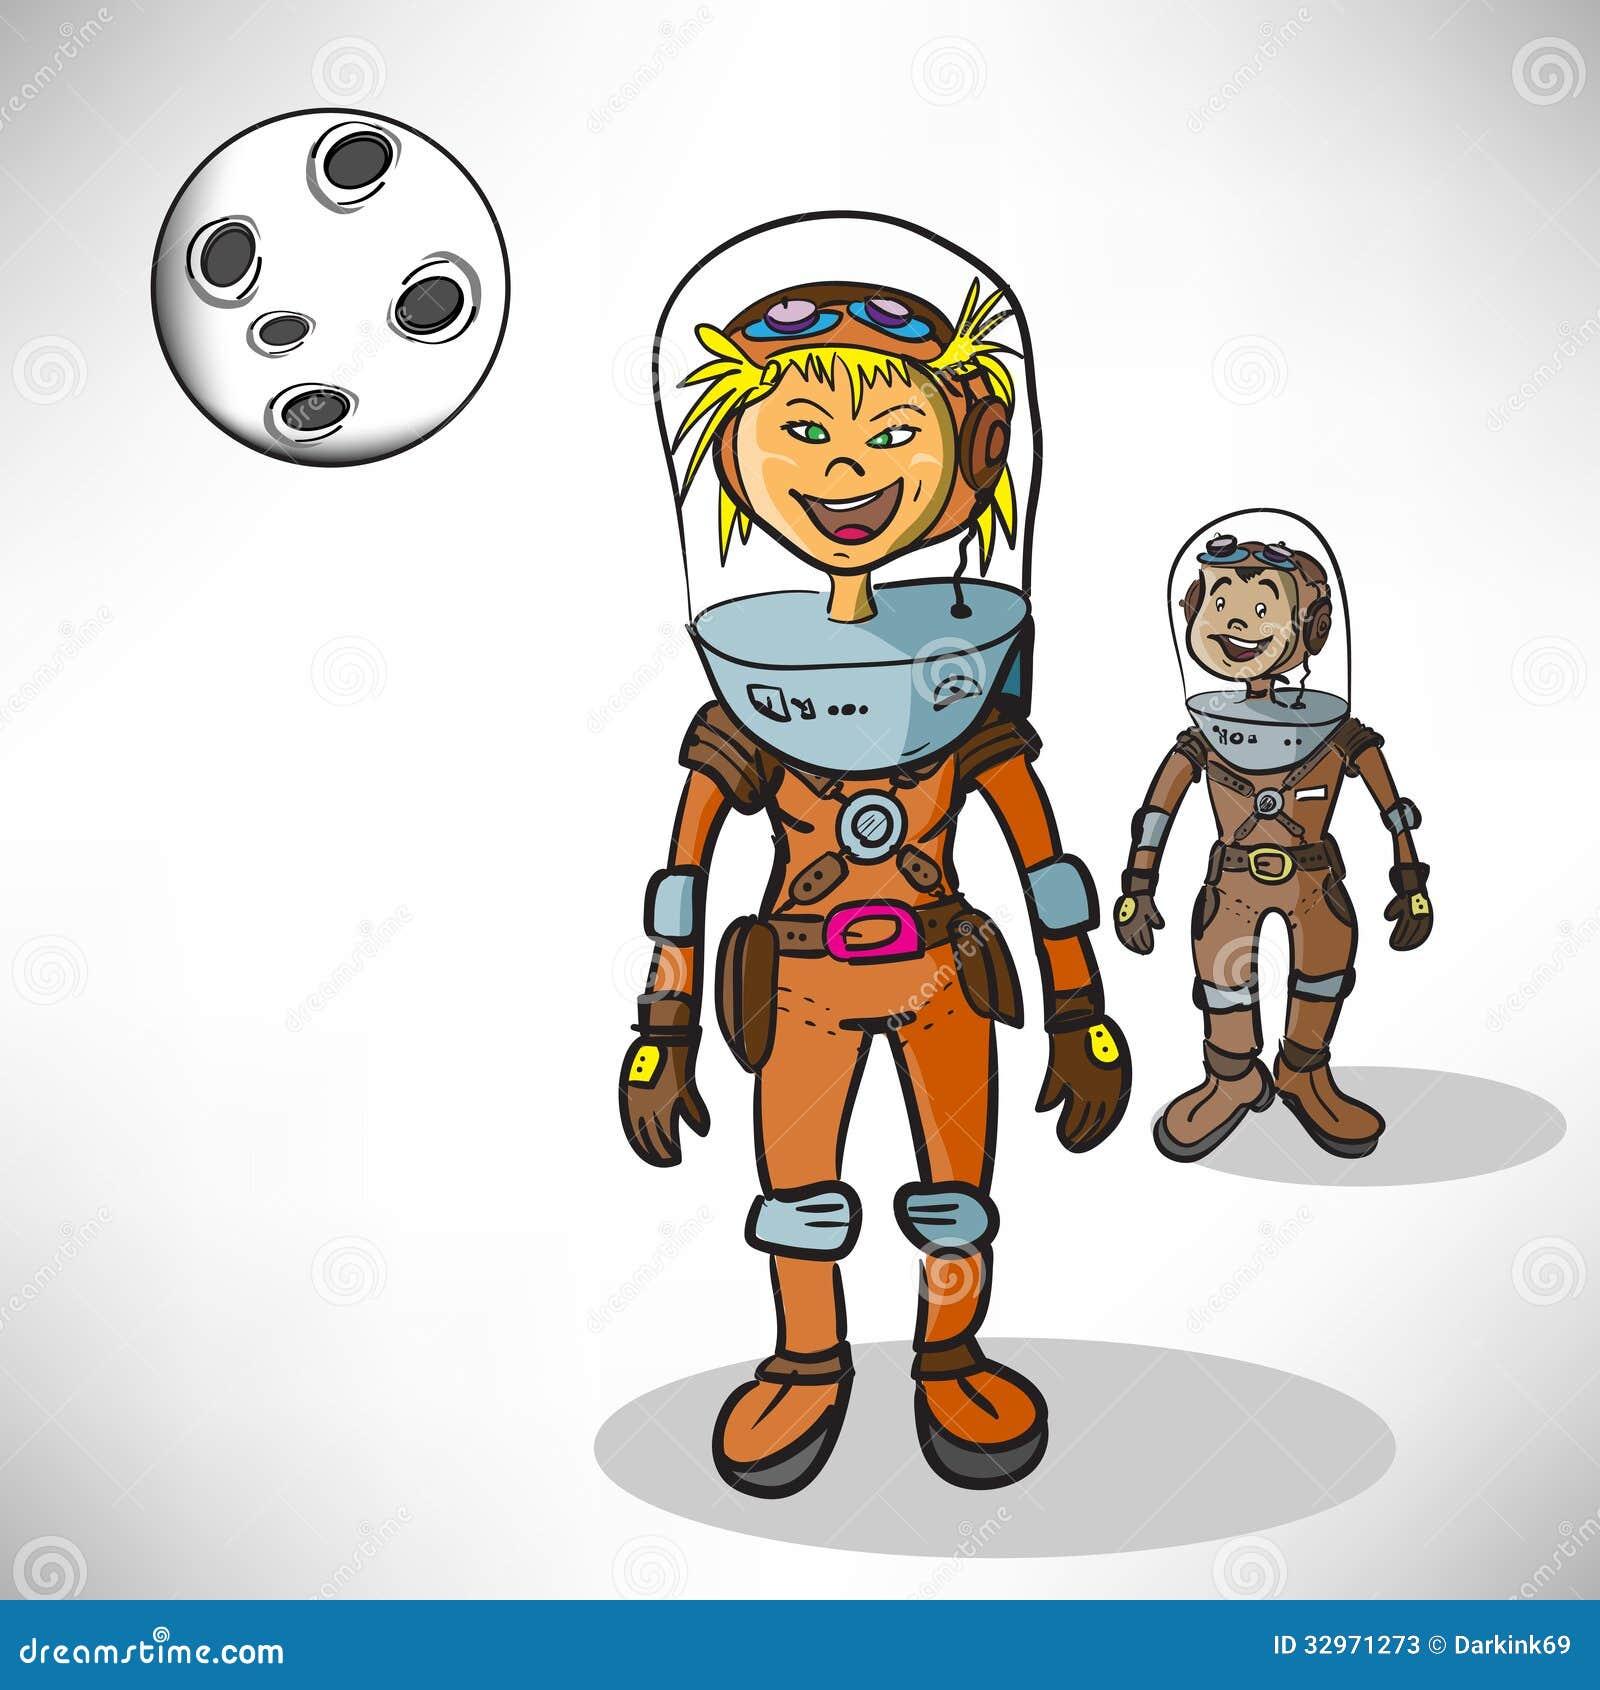 Cartoon Girl Astronaut Stock Photos - Image: 32971273